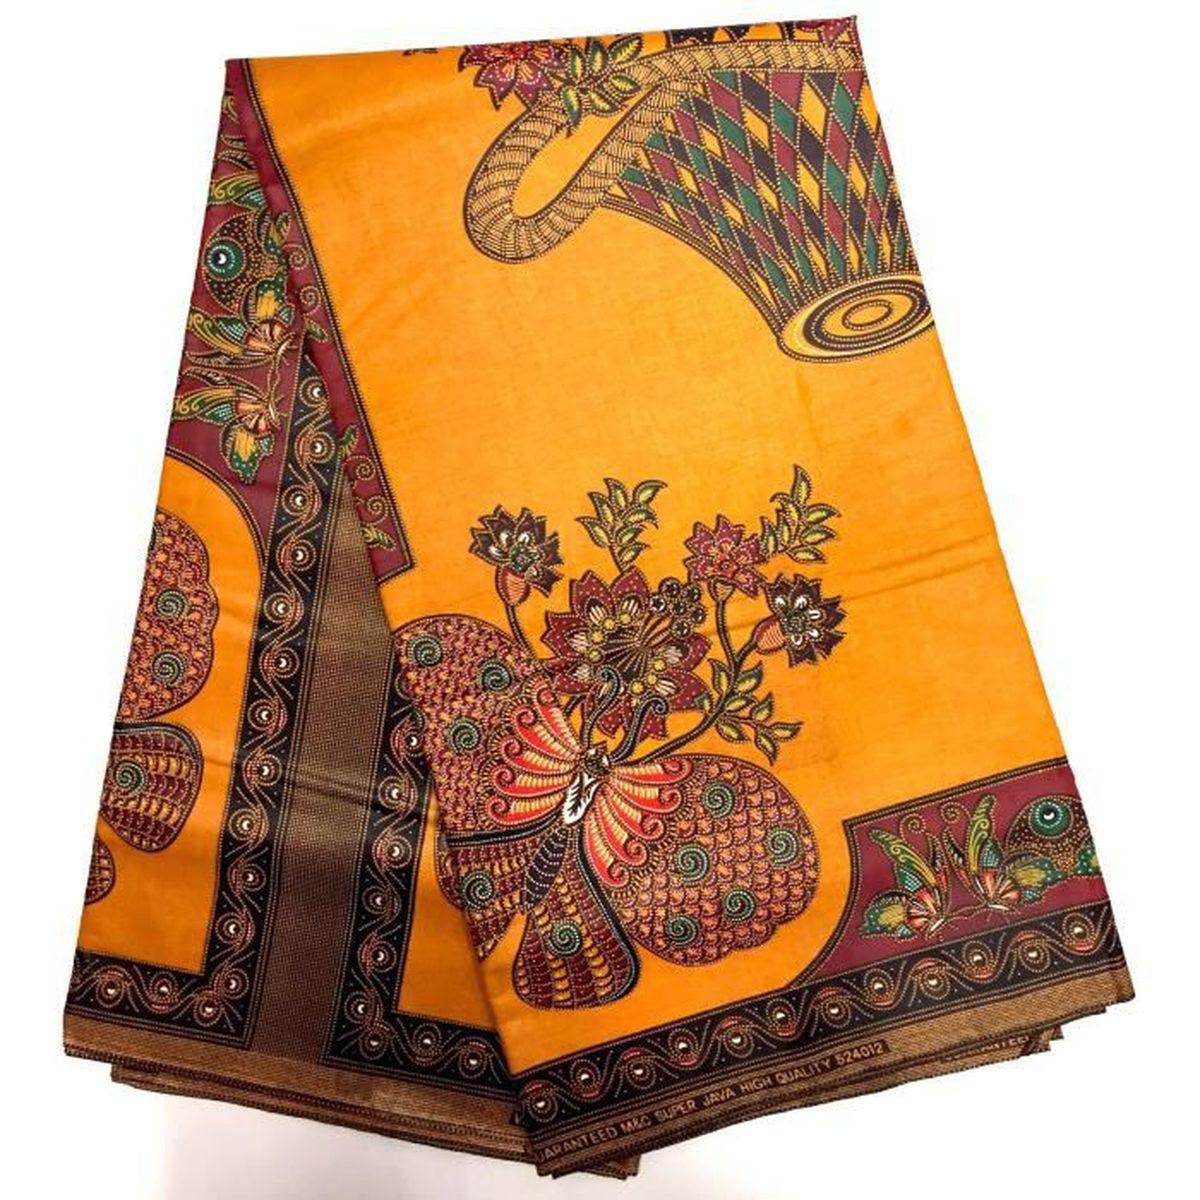 wax tissu pagne africain modele type java imprim 6 yards 100 coton achat vente tissu wax. Black Bedroom Furniture Sets. Home Design Ideas